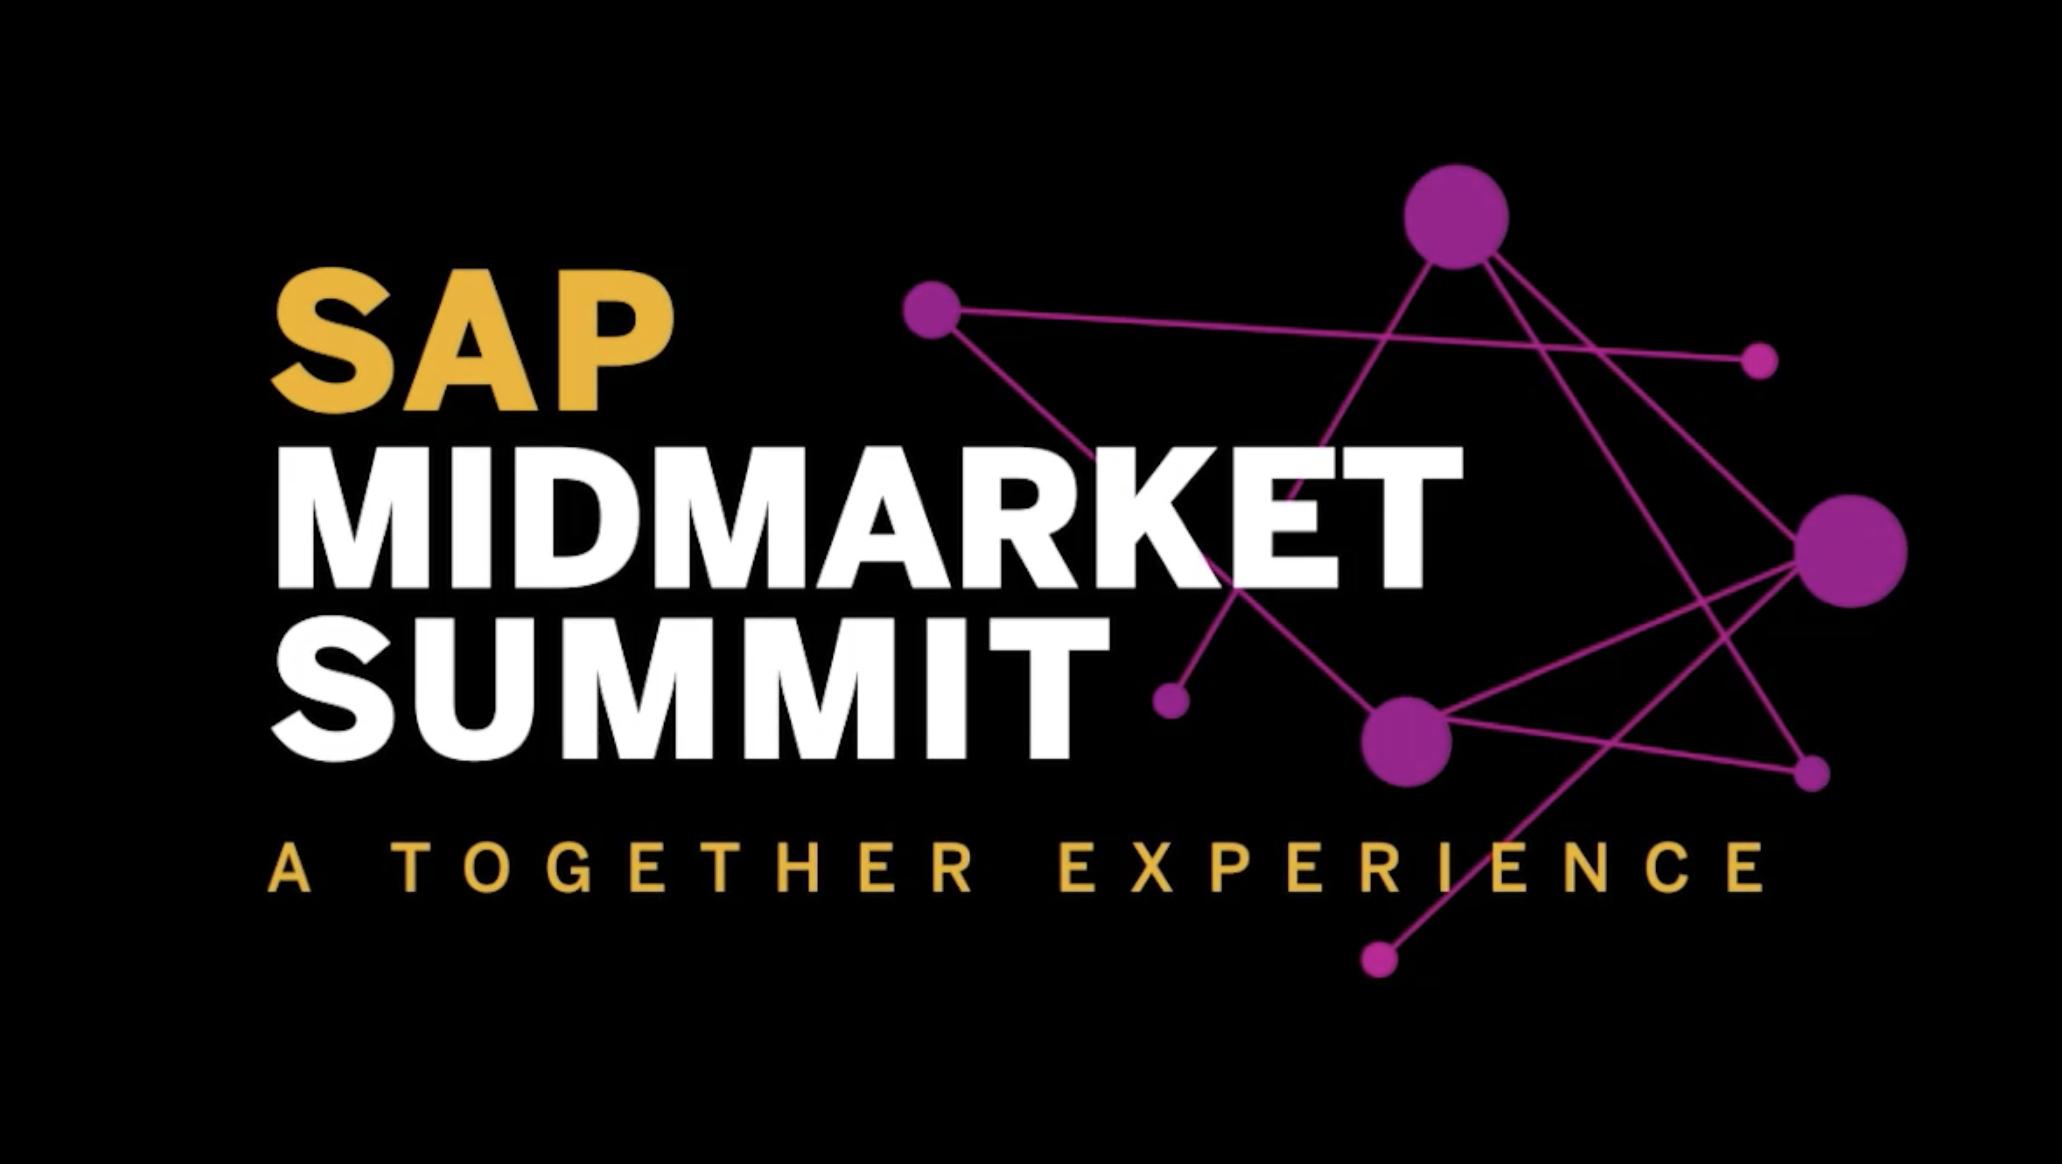 SAP Midmarket Summit - 3rd November Teaser Video